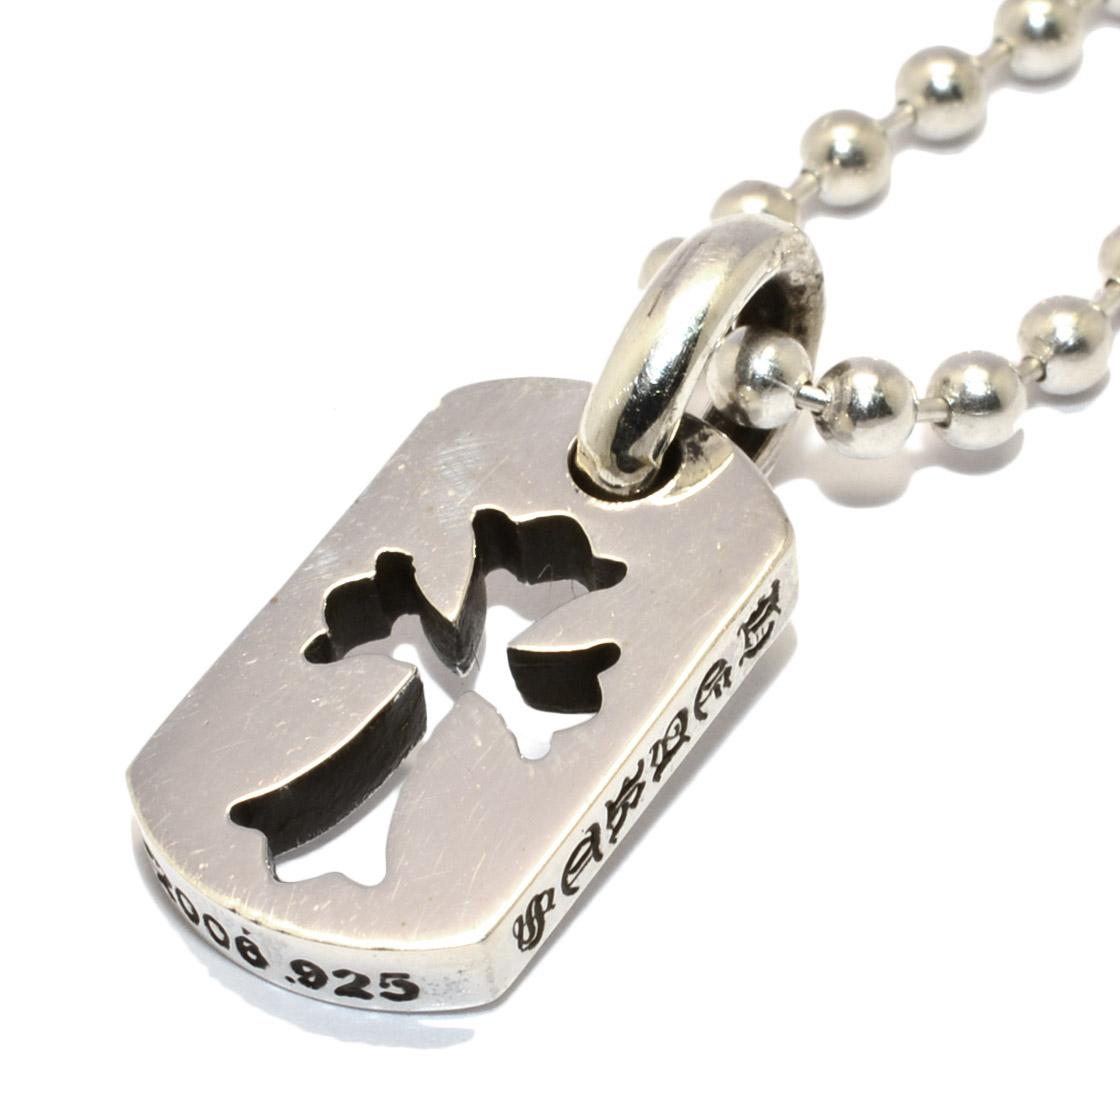 【クロムハーツ ネックレス ペンダント】CHROME HEARTS DogTag-Tiny CO Cross タイニードッグタグ カットアウトクロス